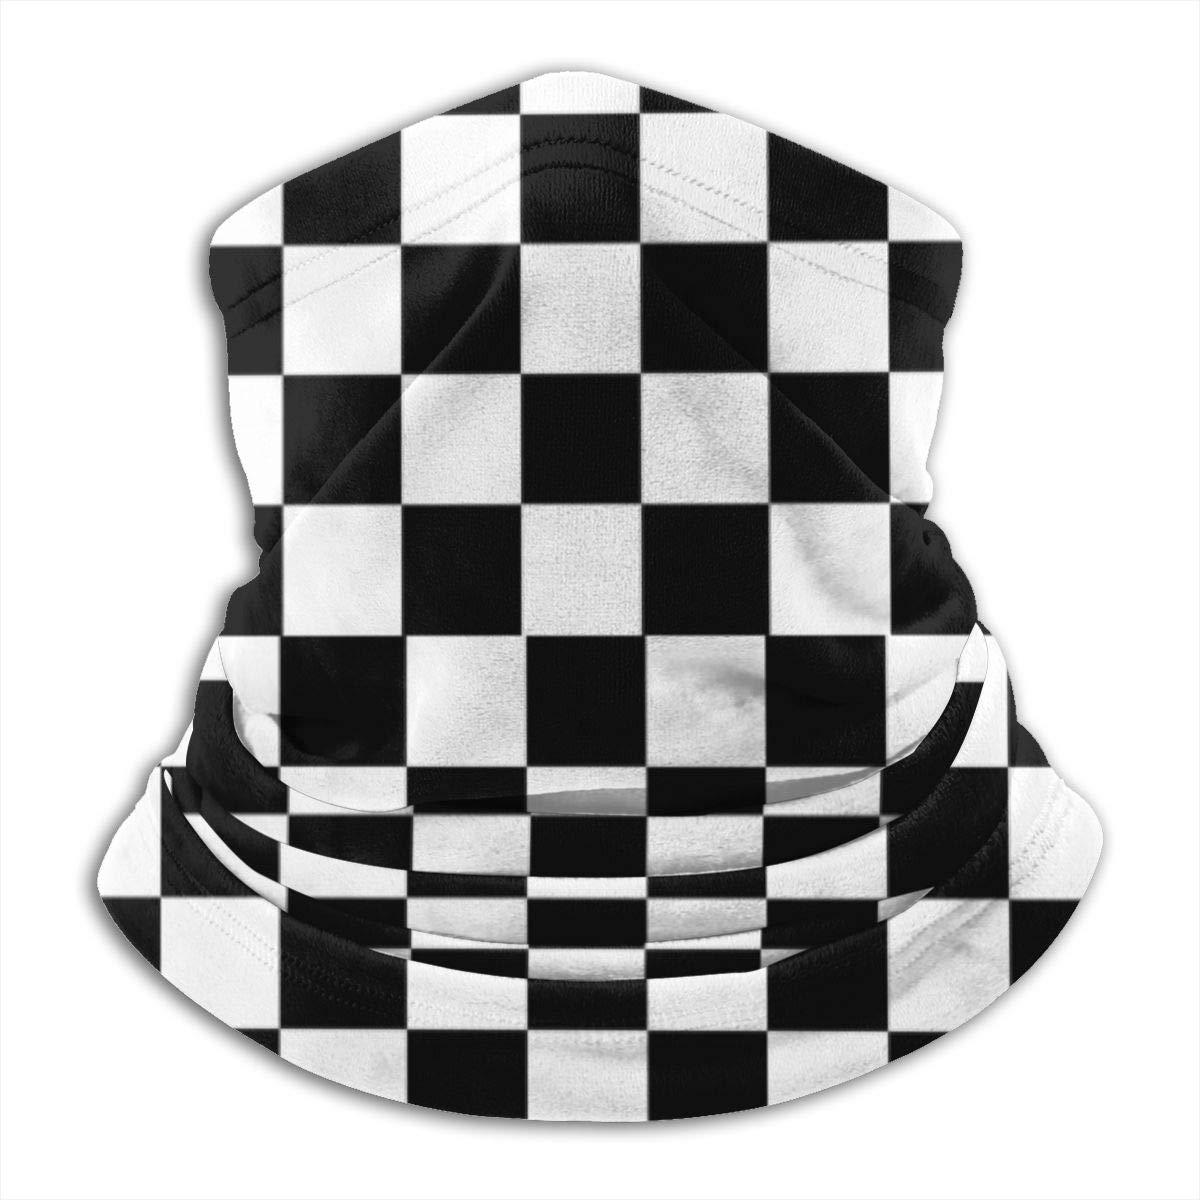 mittlere Schicht Schachbrettmuster FunnyStar Superweiche Thermo-Halsw/ärmer f/ür den Winter f/ür Wandern Motorradfahrer Laufen